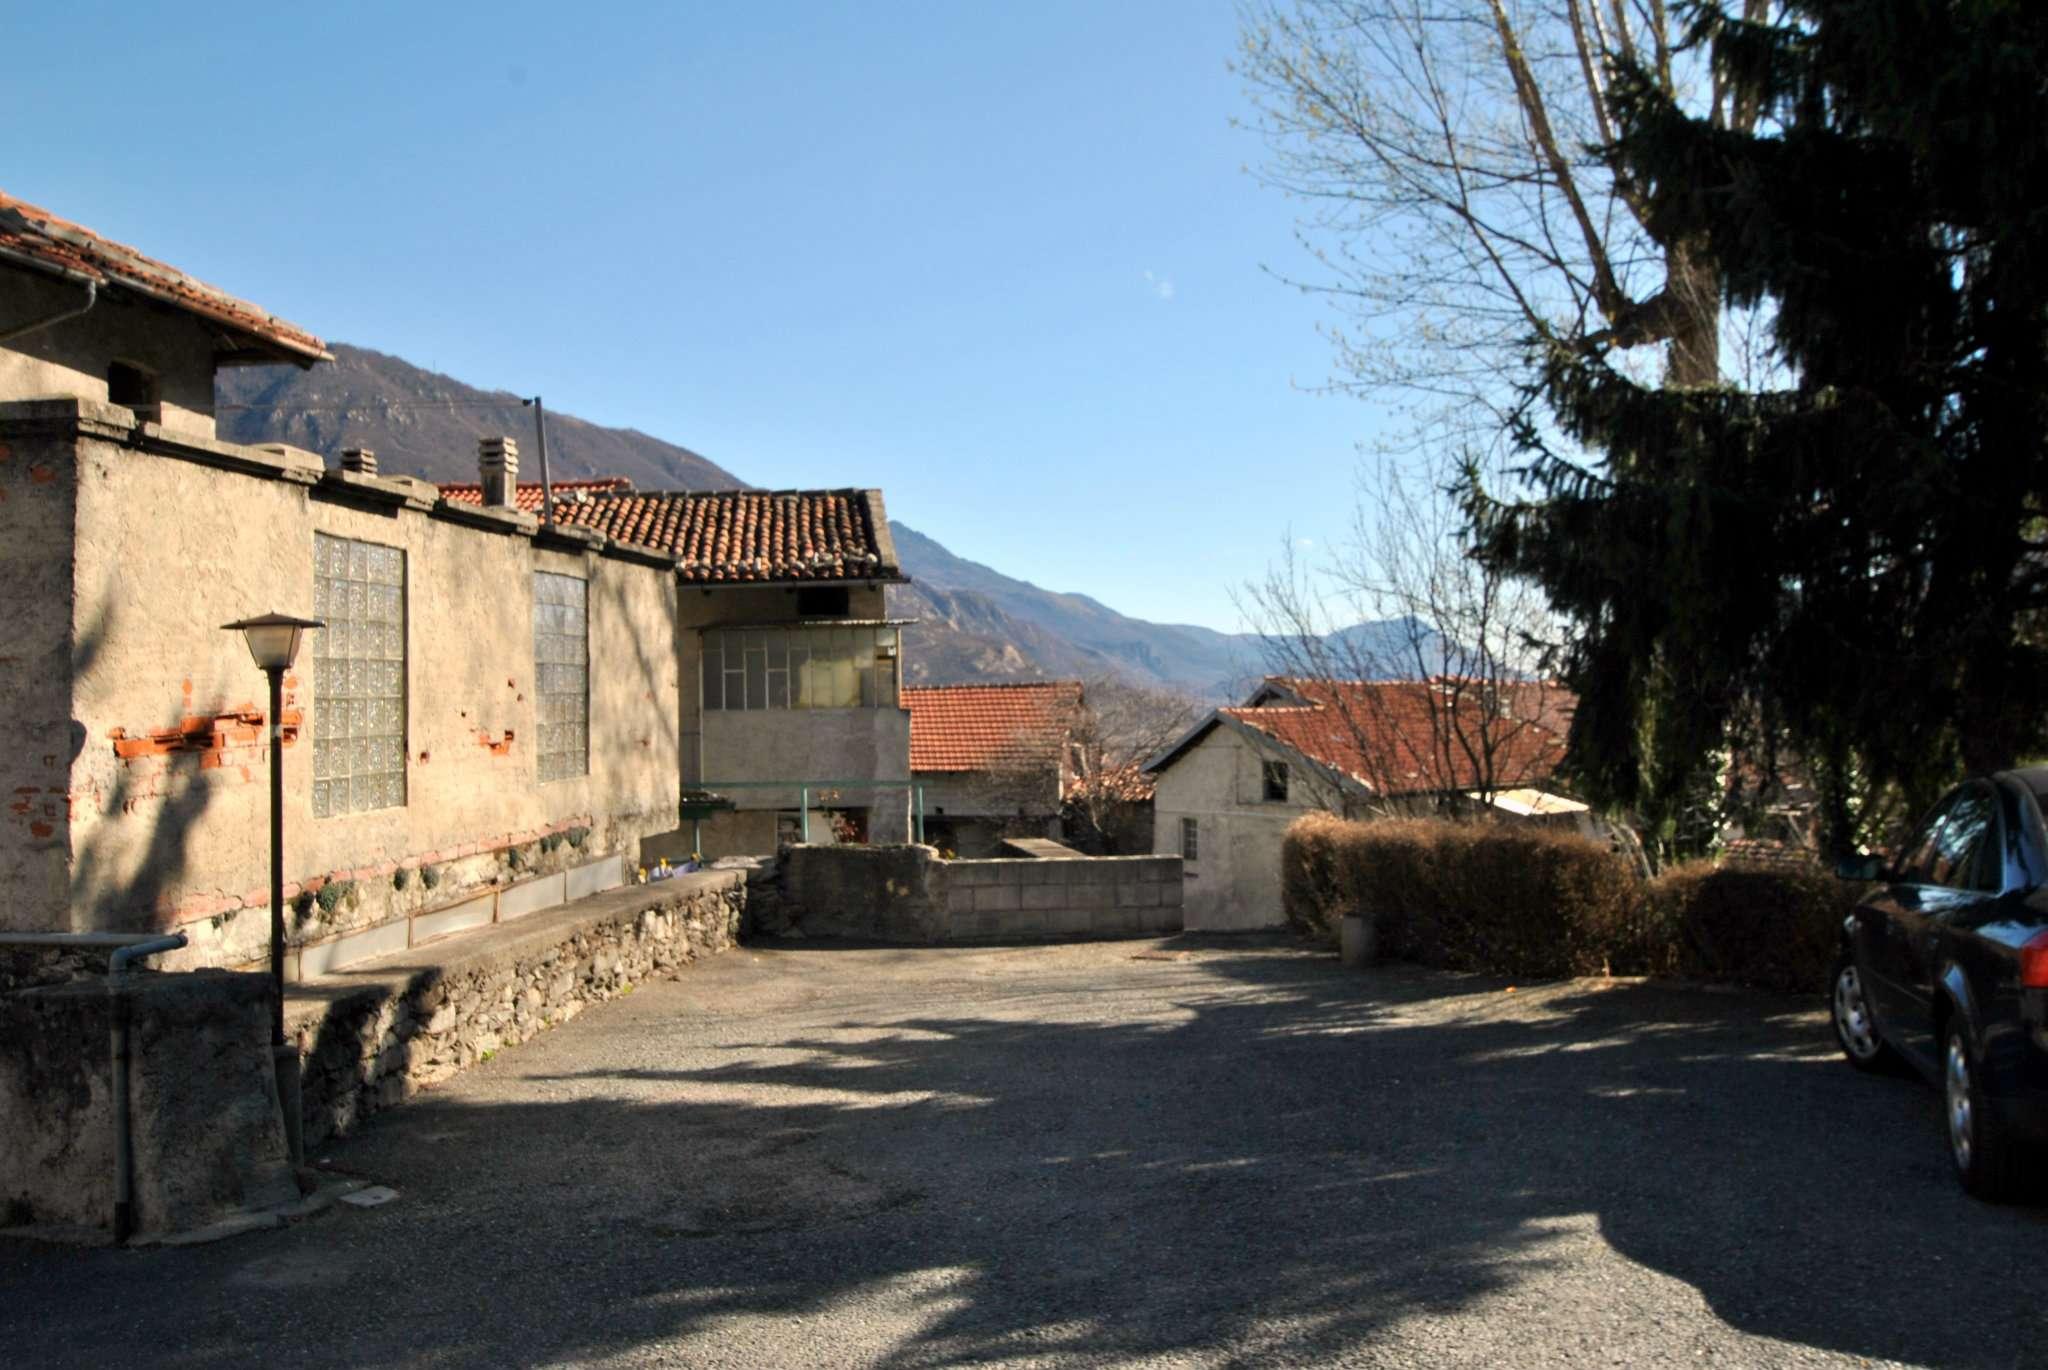 A Villar Focchiardo in Affitto - 4+4 Quadrilocale